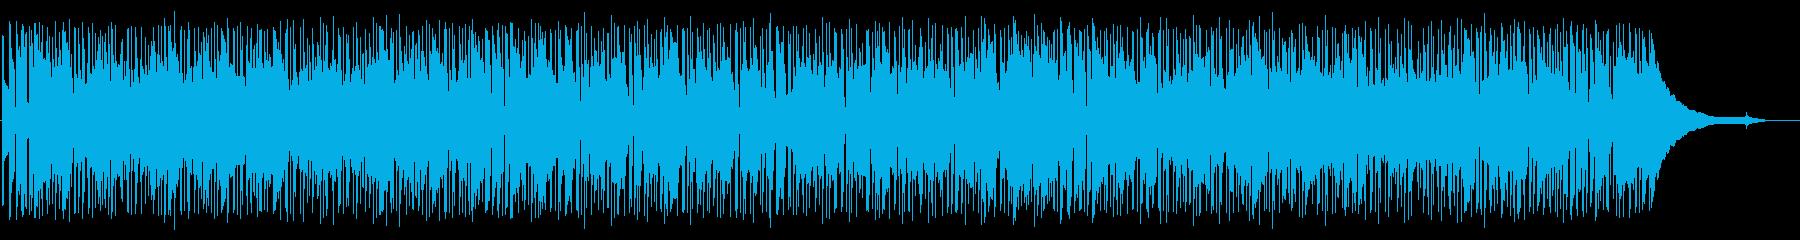 シックで落ち着いた雰囲気のBGMの再生済みの波形